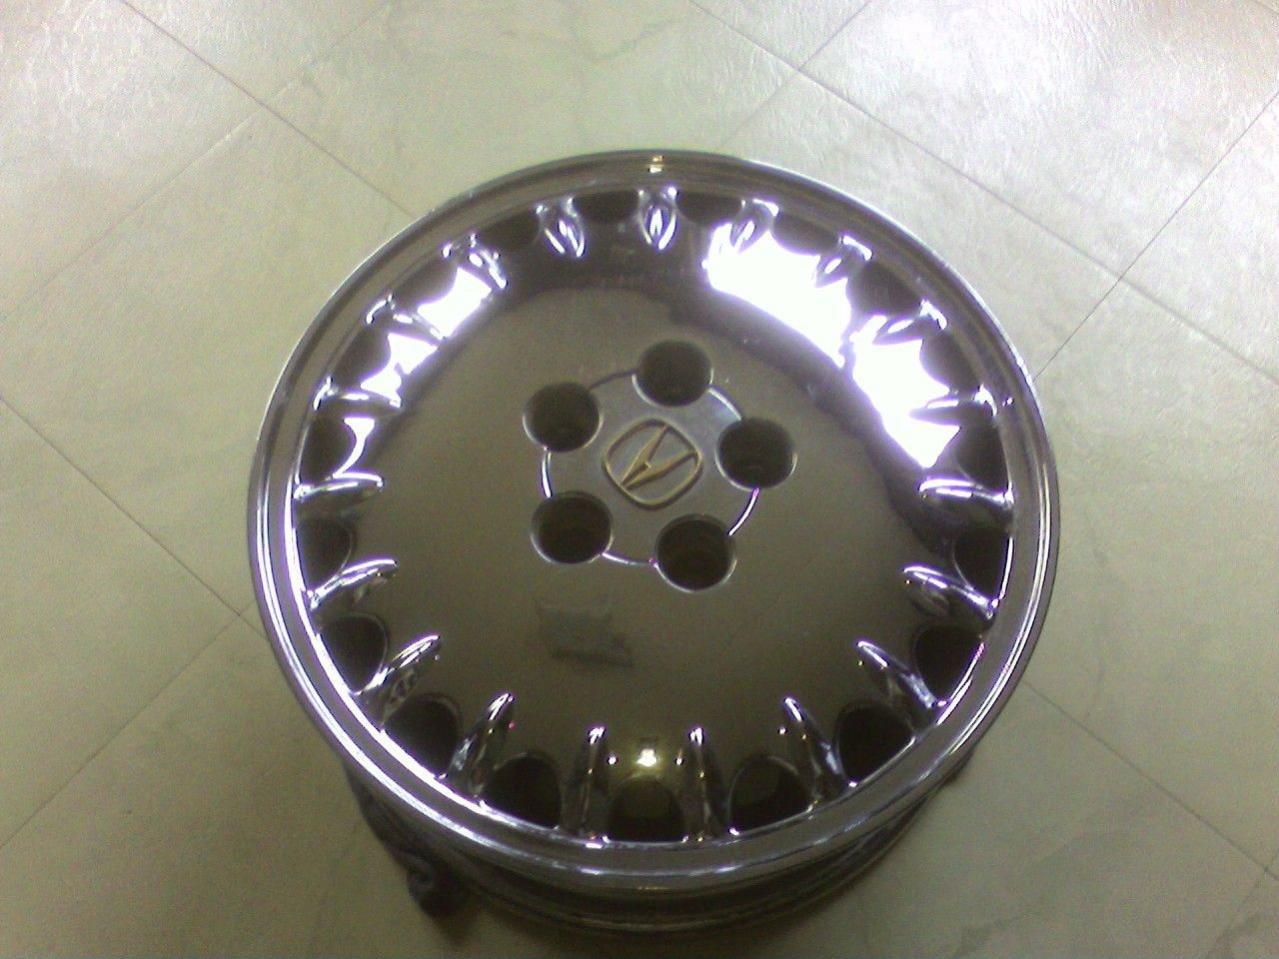 Acura RL Chrome Wheels And Alloy Wheel Acura Forum - Acura rl wheels for sale